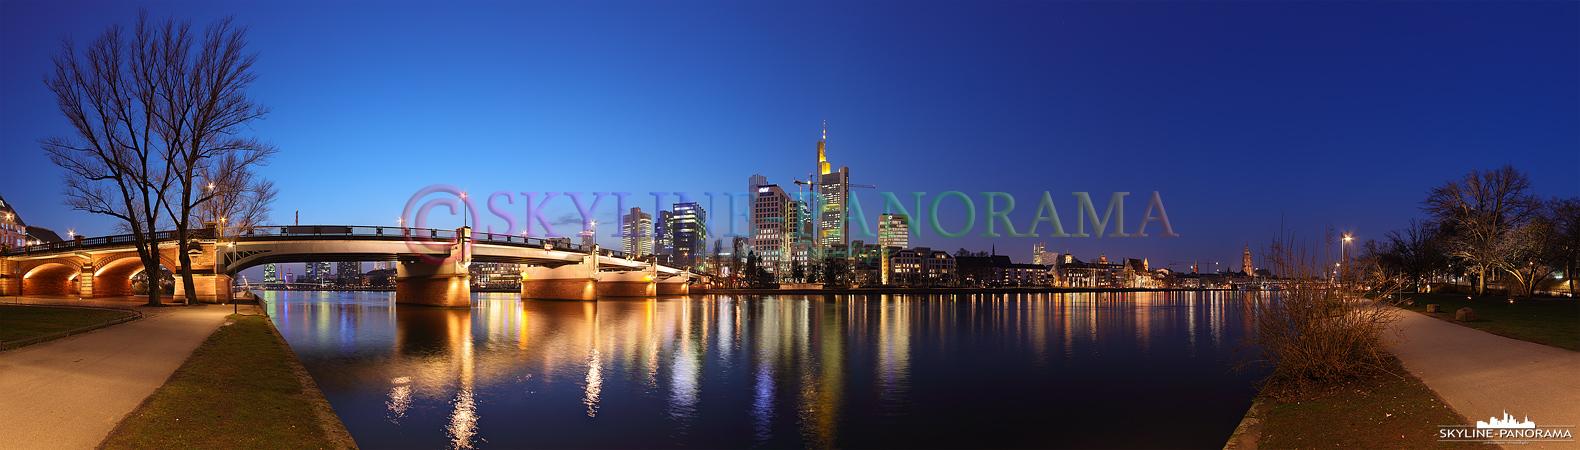 Bilder aus Frankfurt - Das Abendliche Panorama der Frankfurter Skyline zur Blauen Stunde mit der Untermainbrücke vom Mainufer aus gesehen.